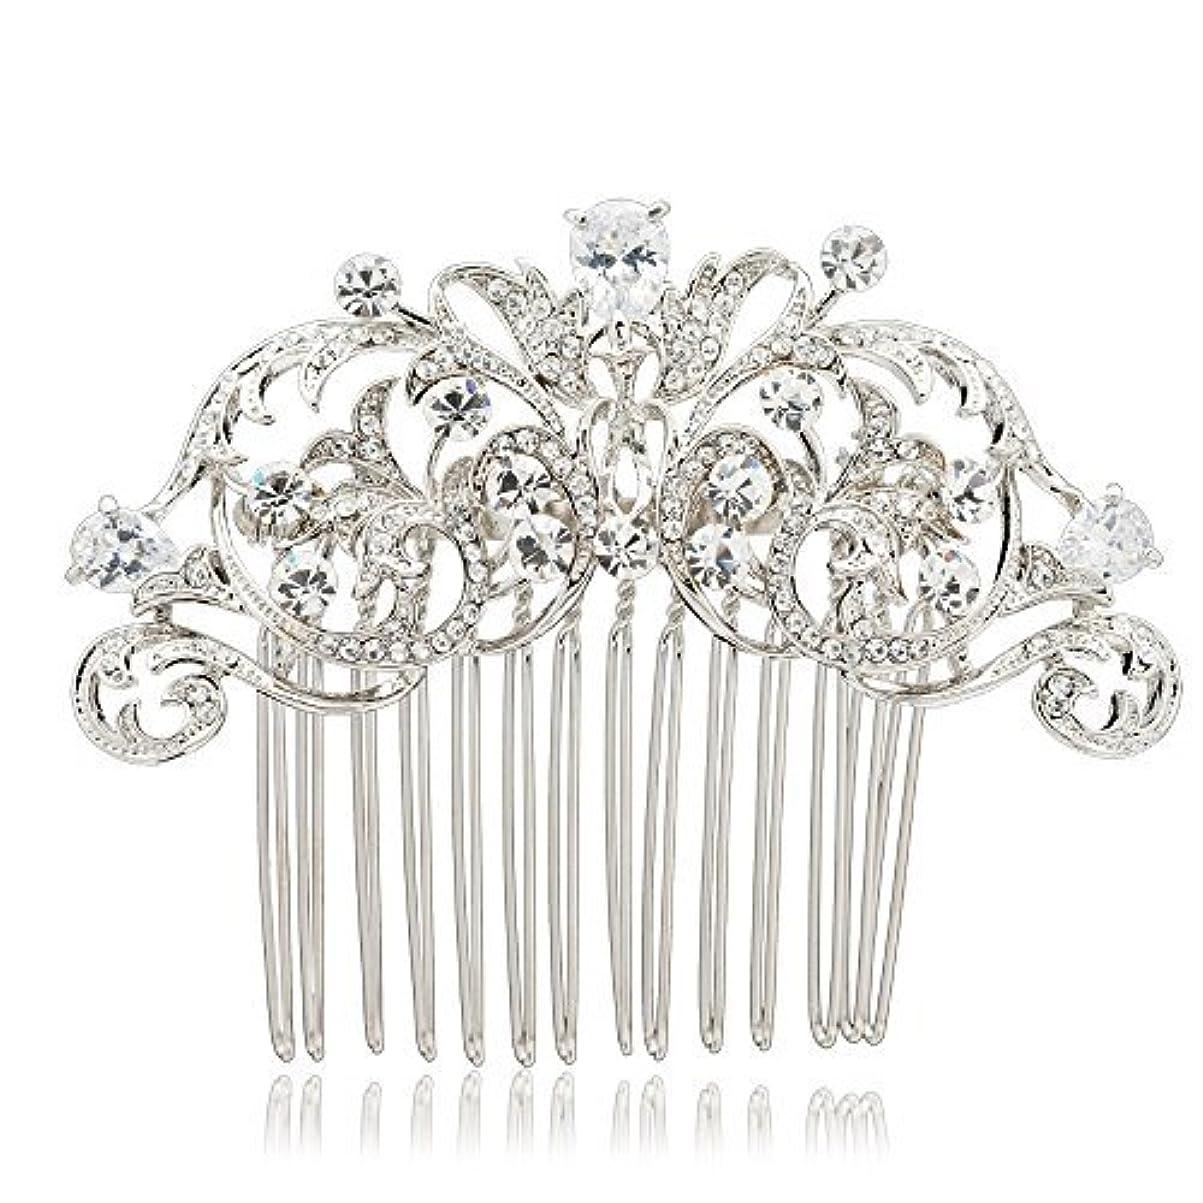 滅多懺悔バスケットボールSEPBRIDALS Crystal Rhinestone Hair Side Comb Pins Bridal Wedding Women Hair Accessories Jewelry 2253R [並行輸入品]